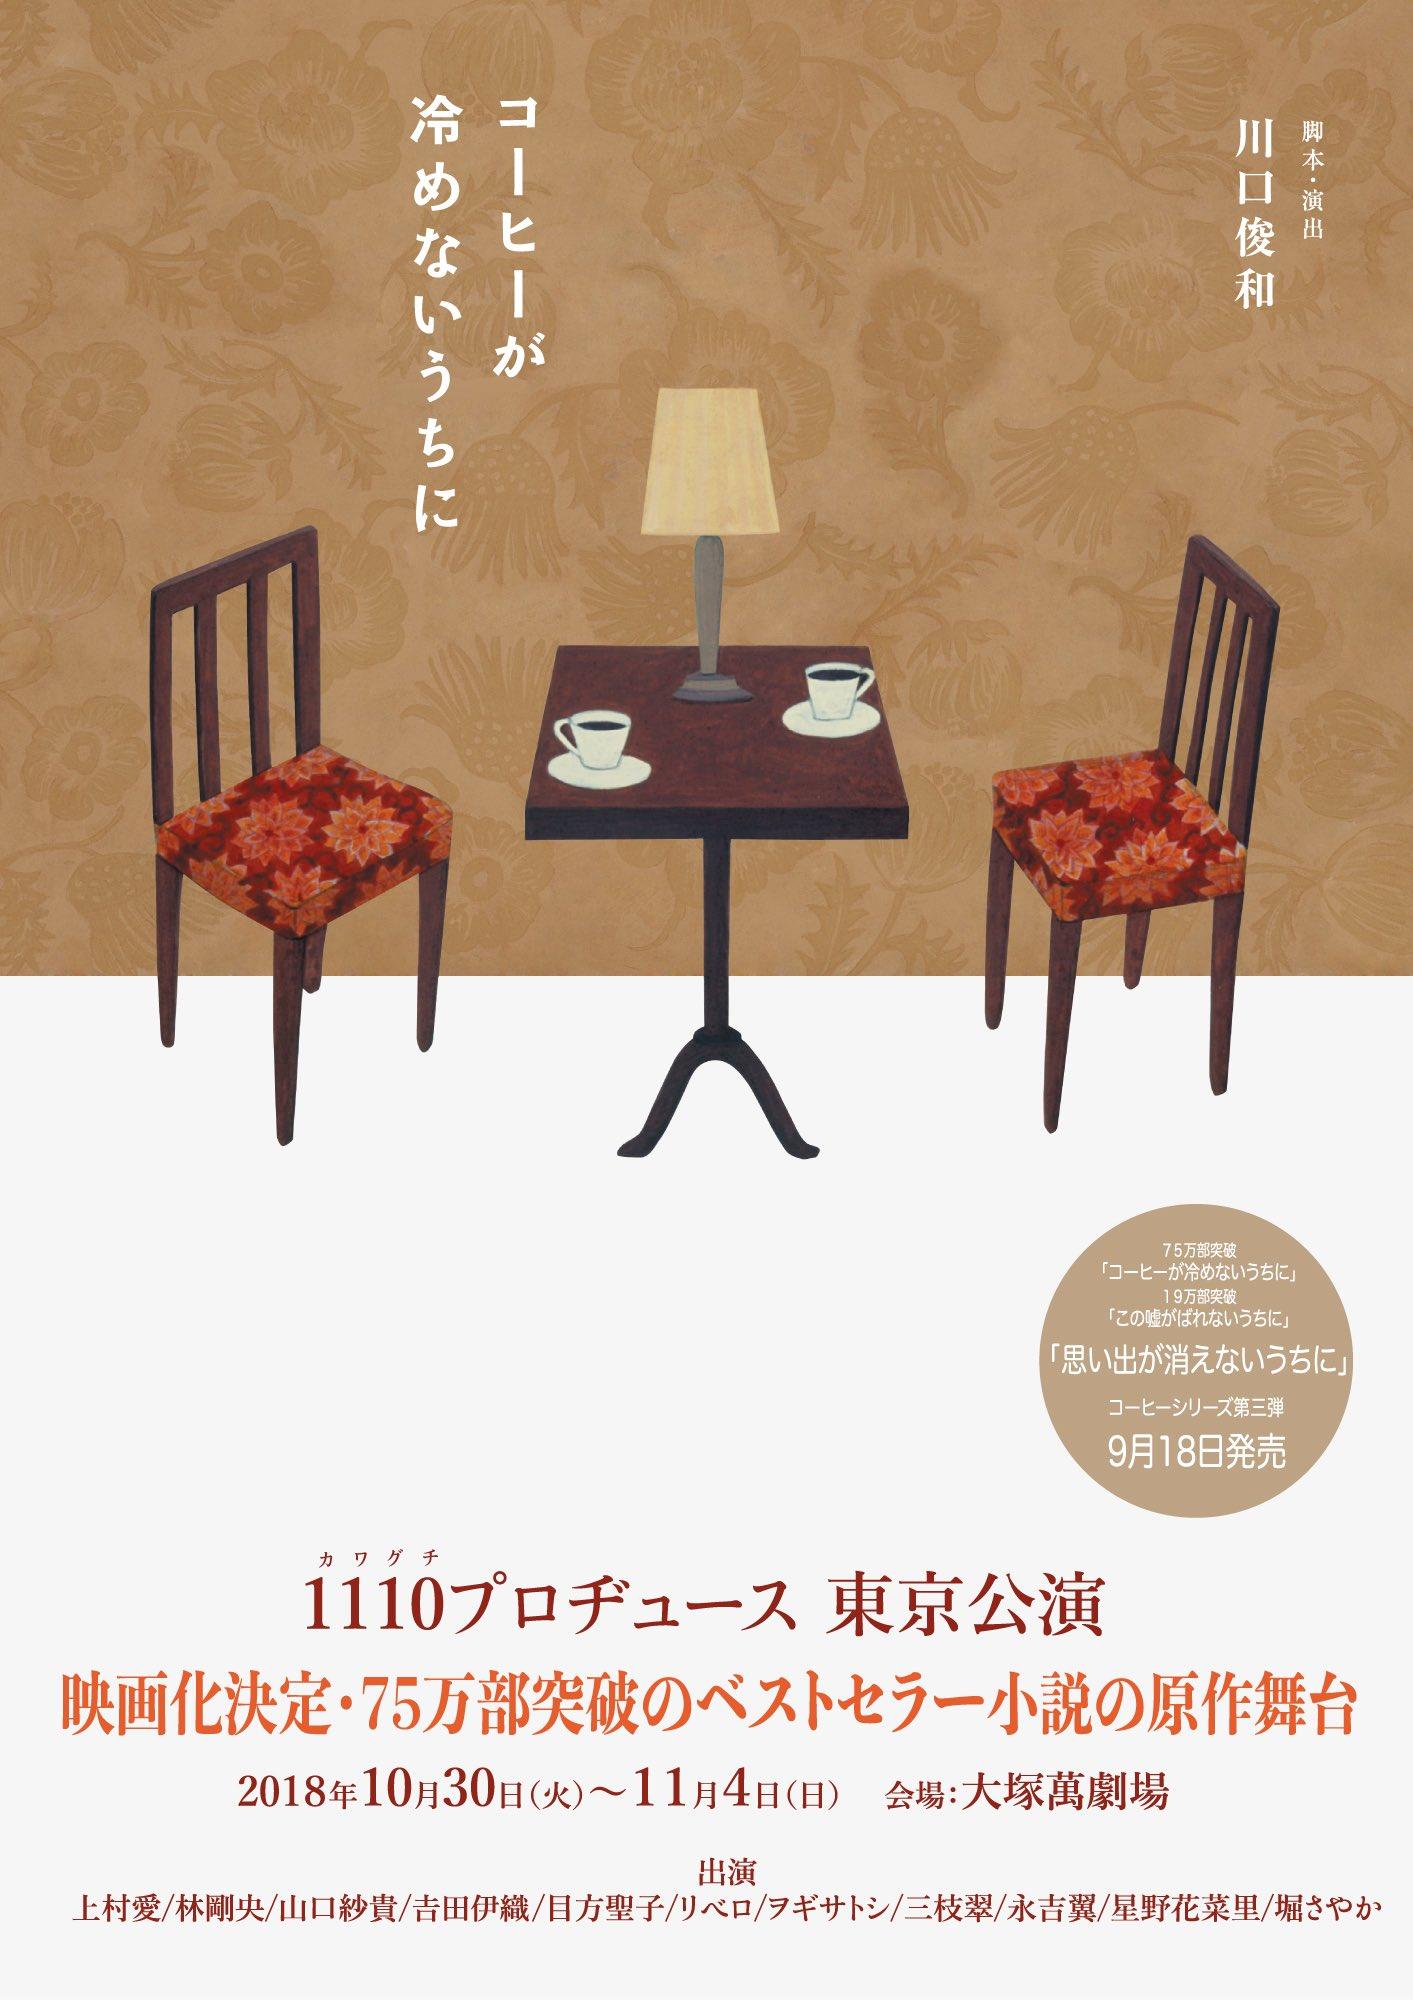 リベロ☕️舞臺『コーヒーが冷めないうちに』10/30〜11/4 on Twitter ...